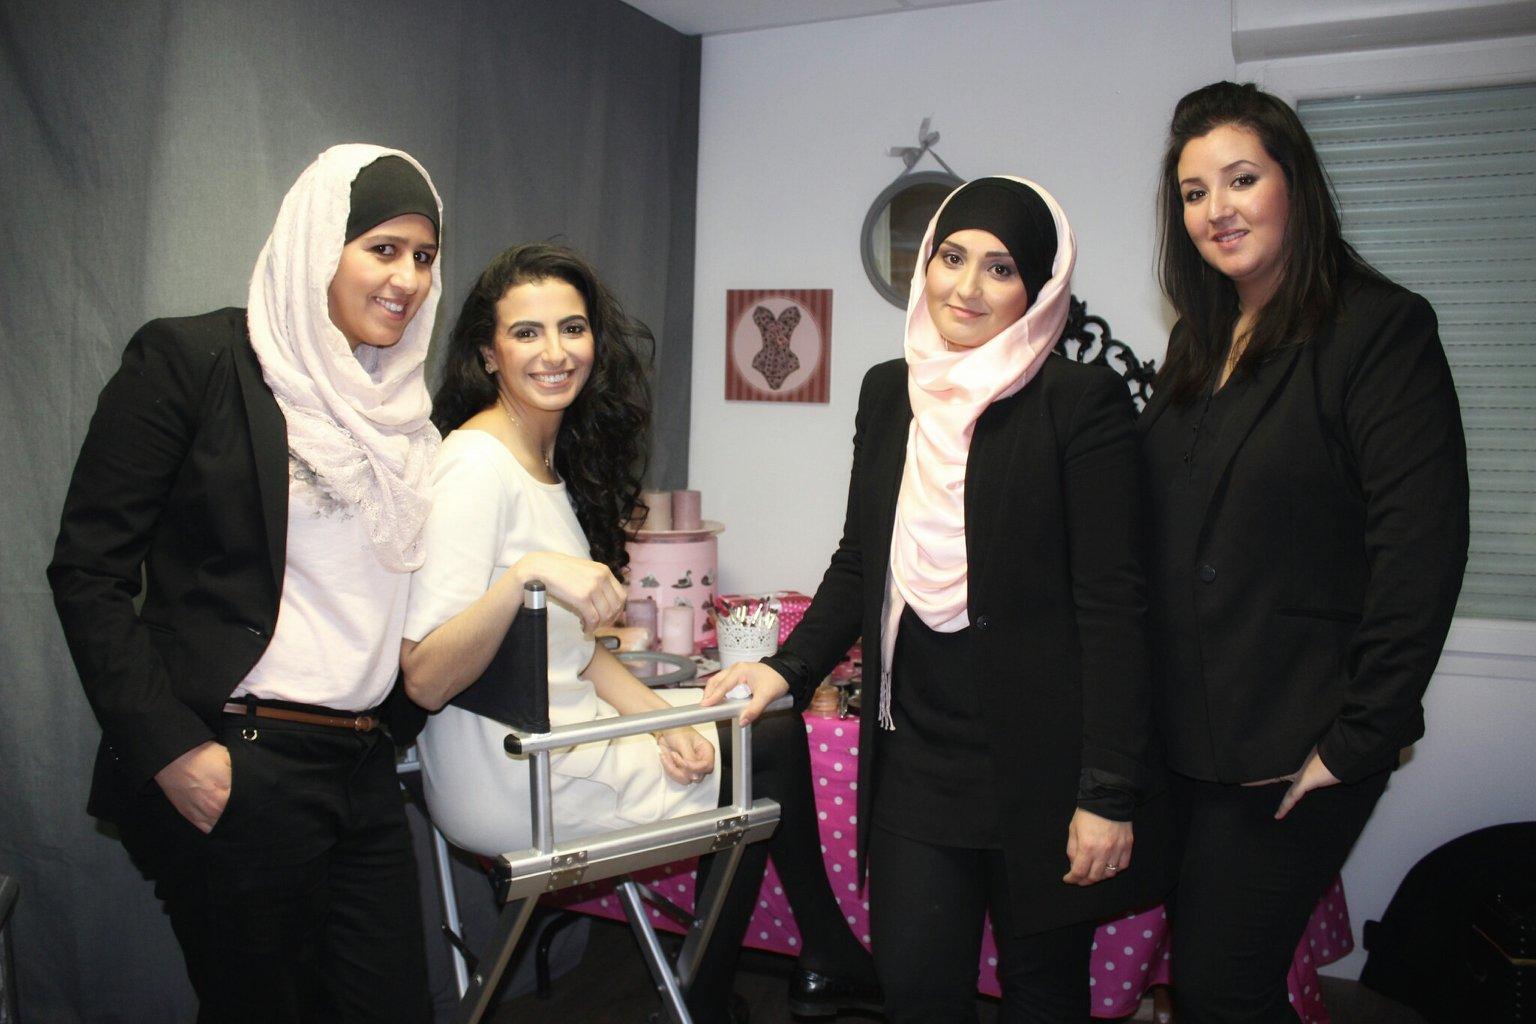 L'équipe de Wedding Prestige au com;plet - des professionnels du maquillage, de la coiffure et du henné